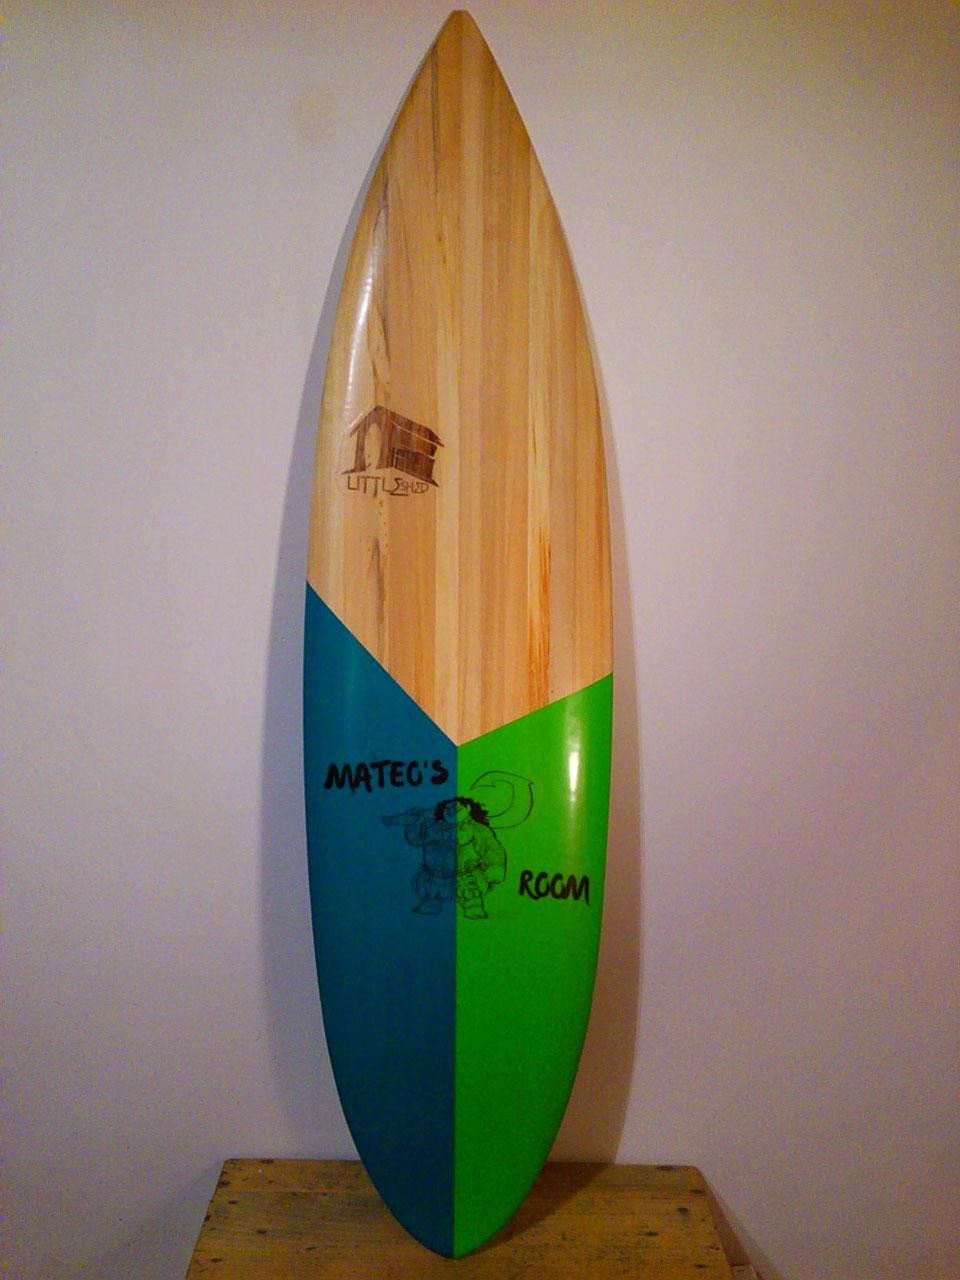 Déco Surf & mobilier - LITTLE SHED Surfboard_Fabricant de planche